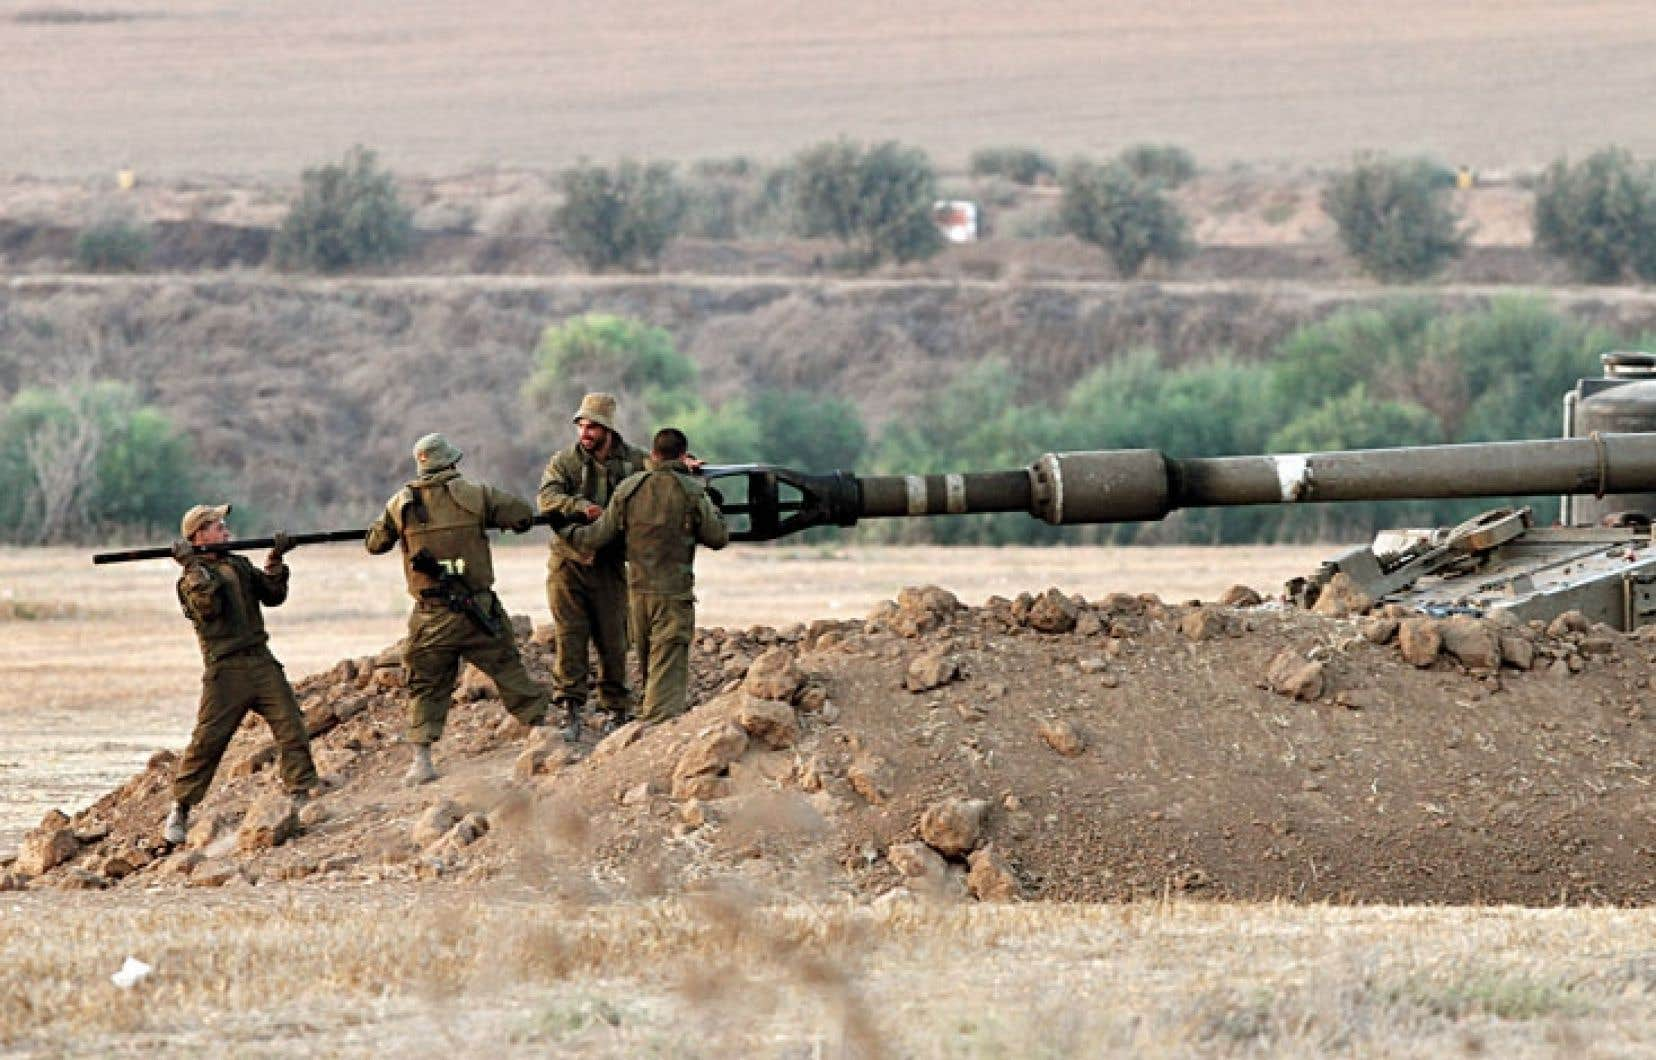 Des soldats israéliens nettoyaient le canon d'un char à la frontière avec Gaza, jeudi.